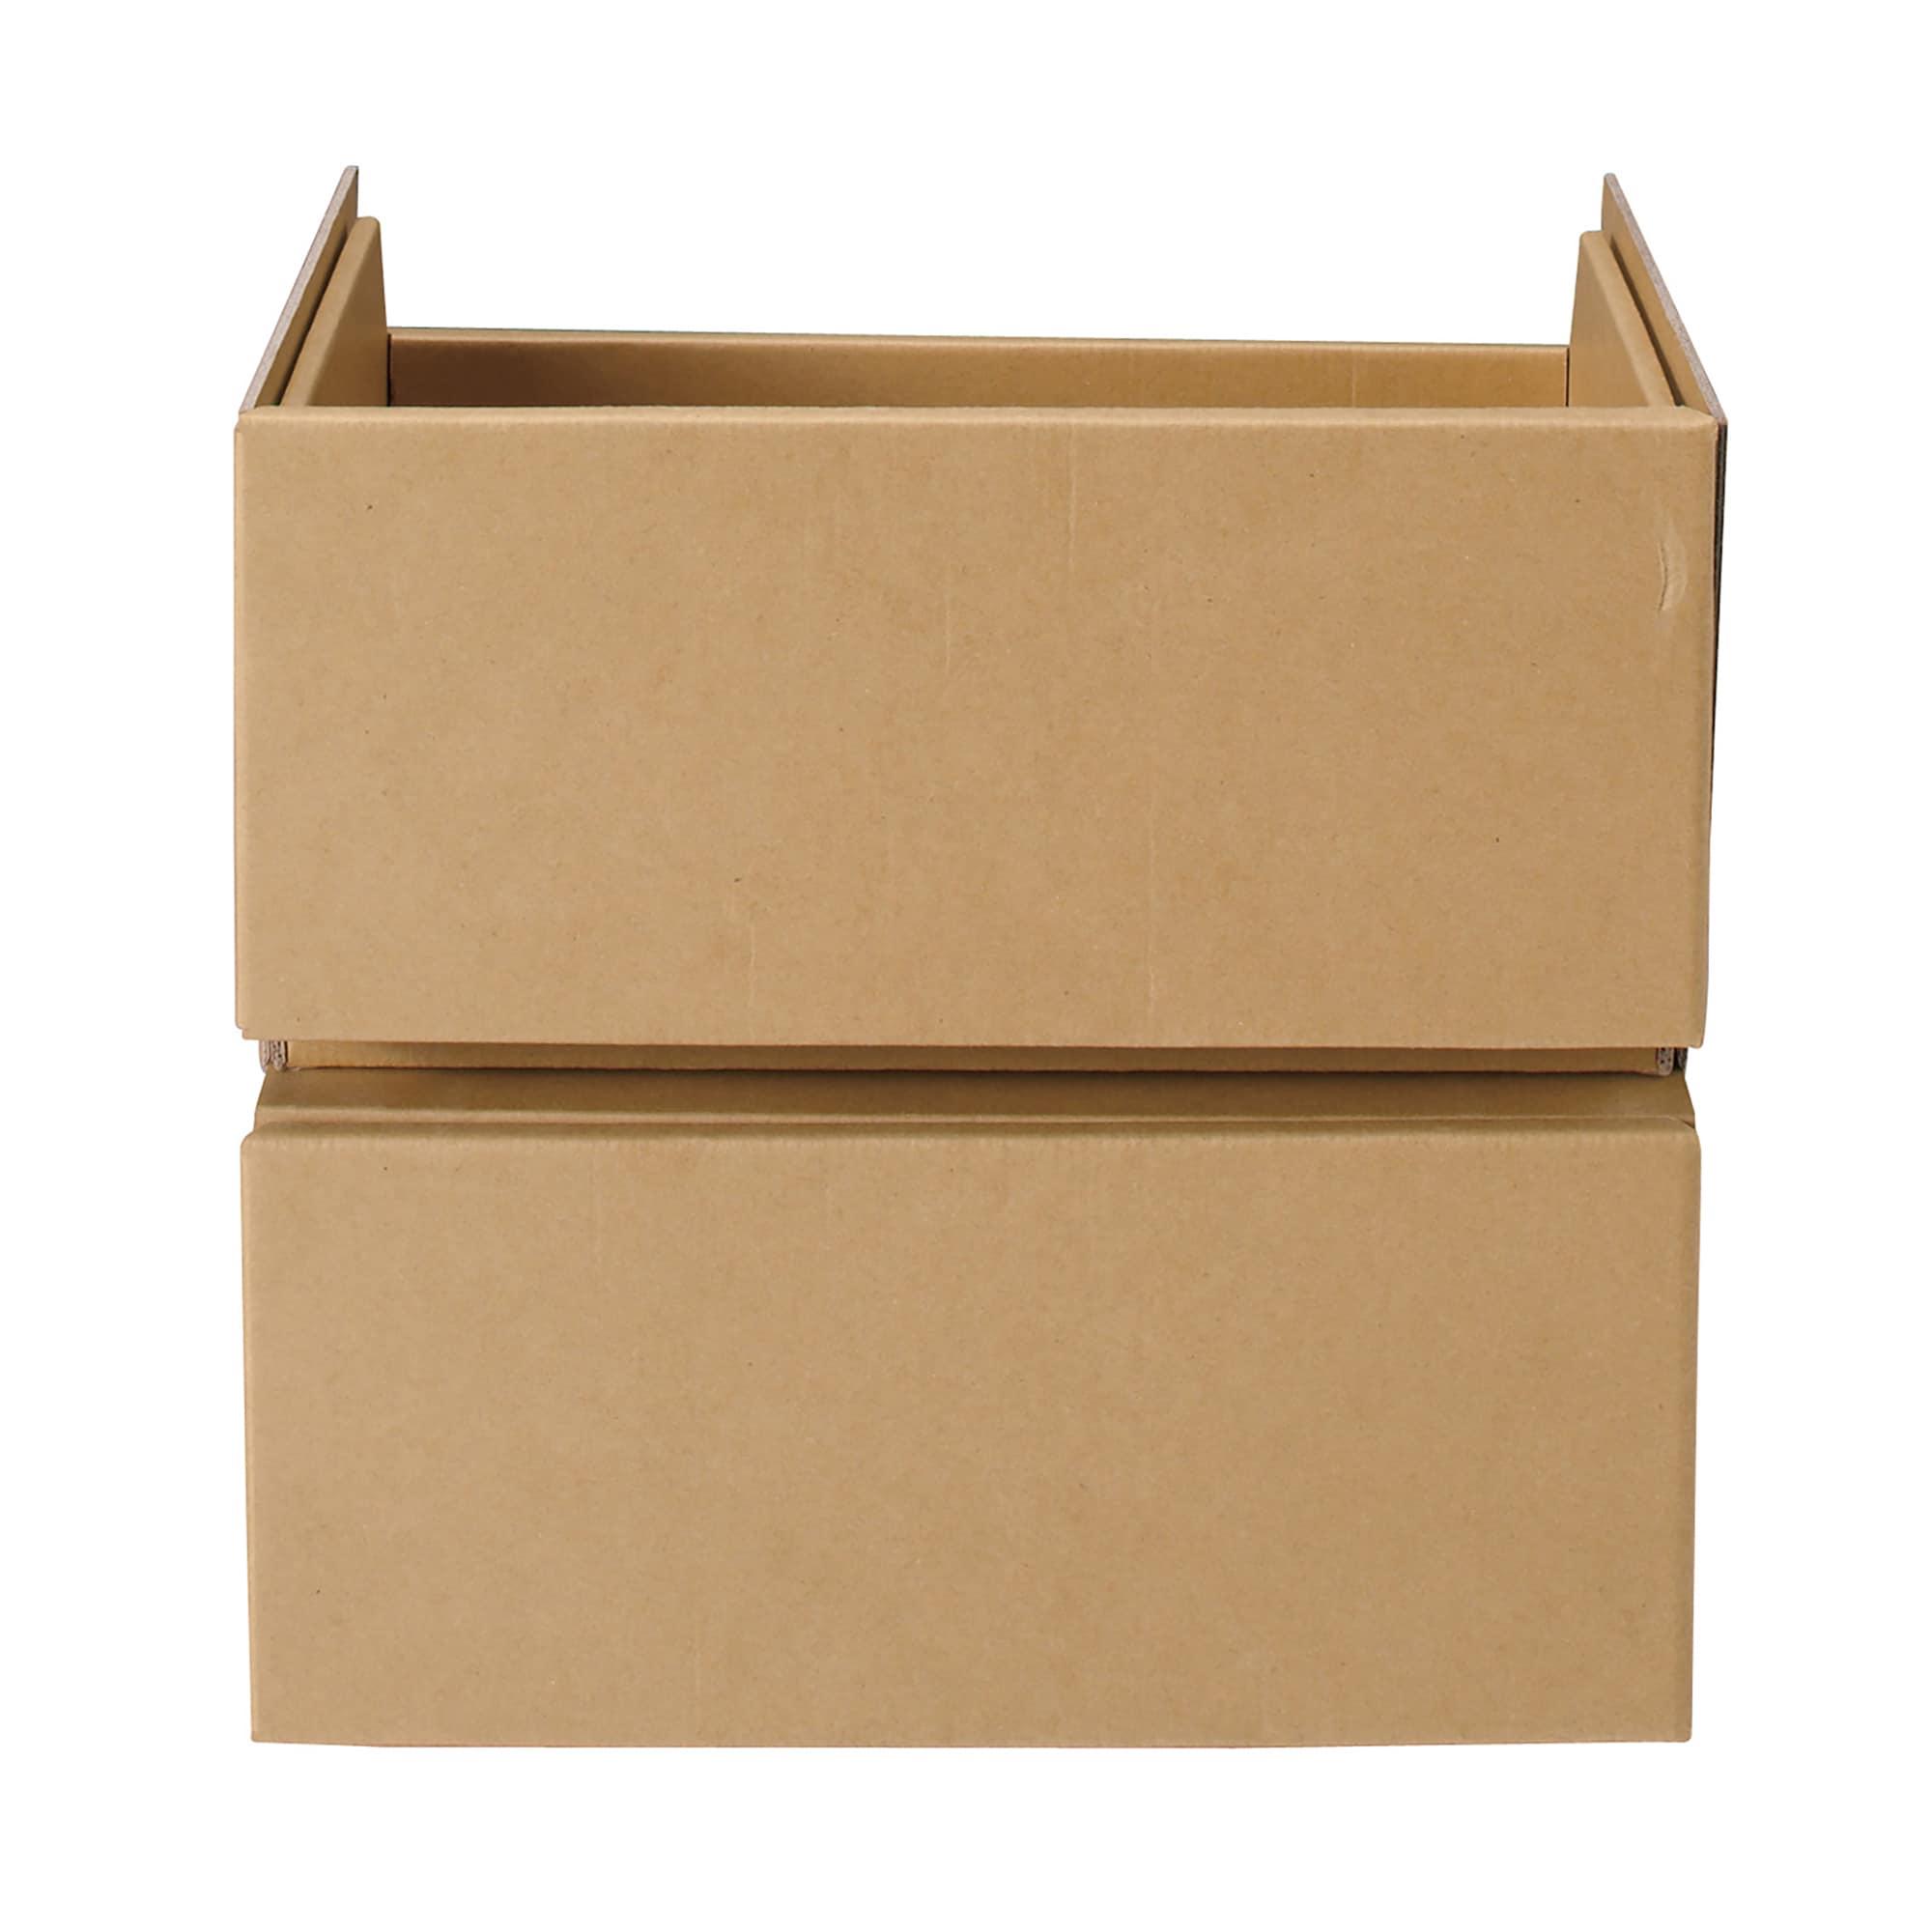 [무인양품] MUJI 골판지 서랍・2단(종이 펄프 보드 박스용) 일본공식스토어 상품